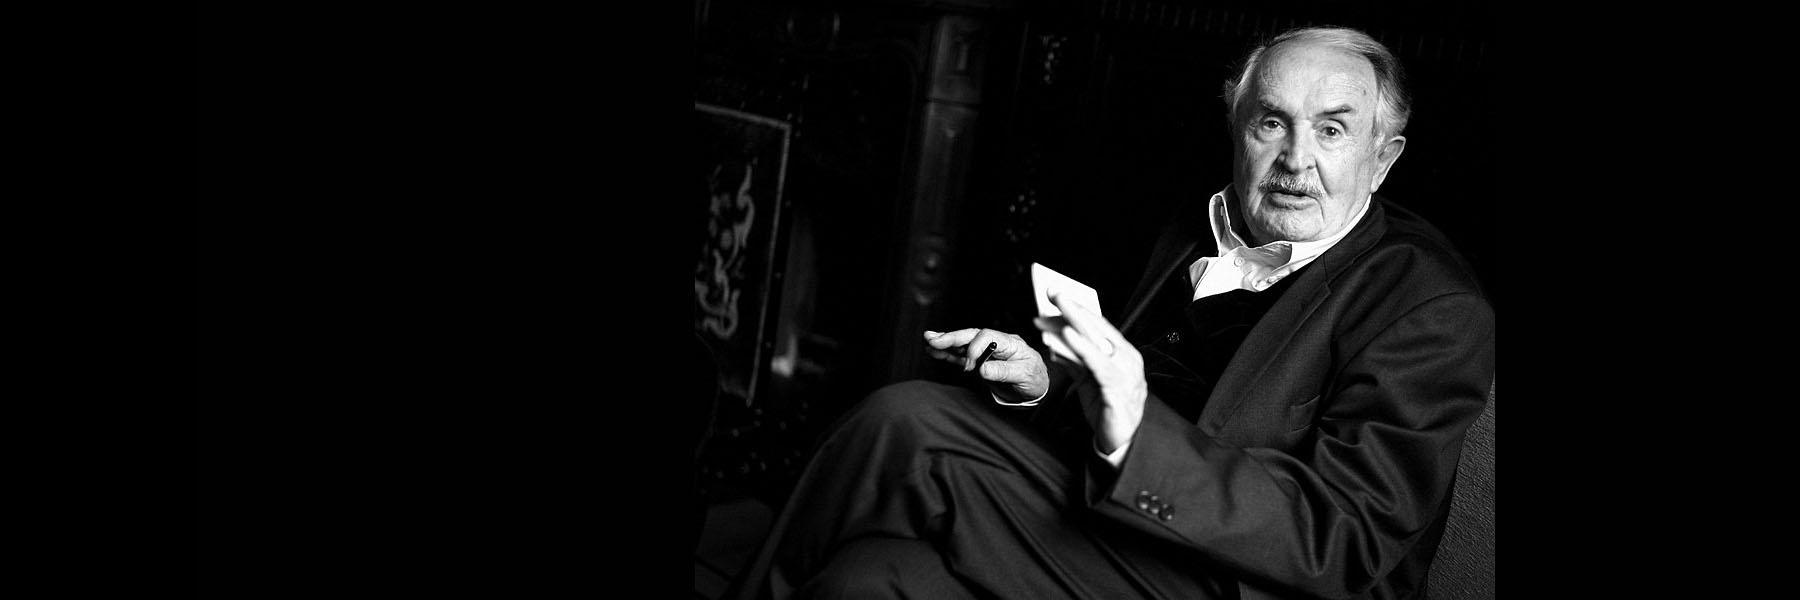 Quattro anni fa ci lasciava Tonino Guerra: <br />ricordo poetico di Gianfranco Angelucci*